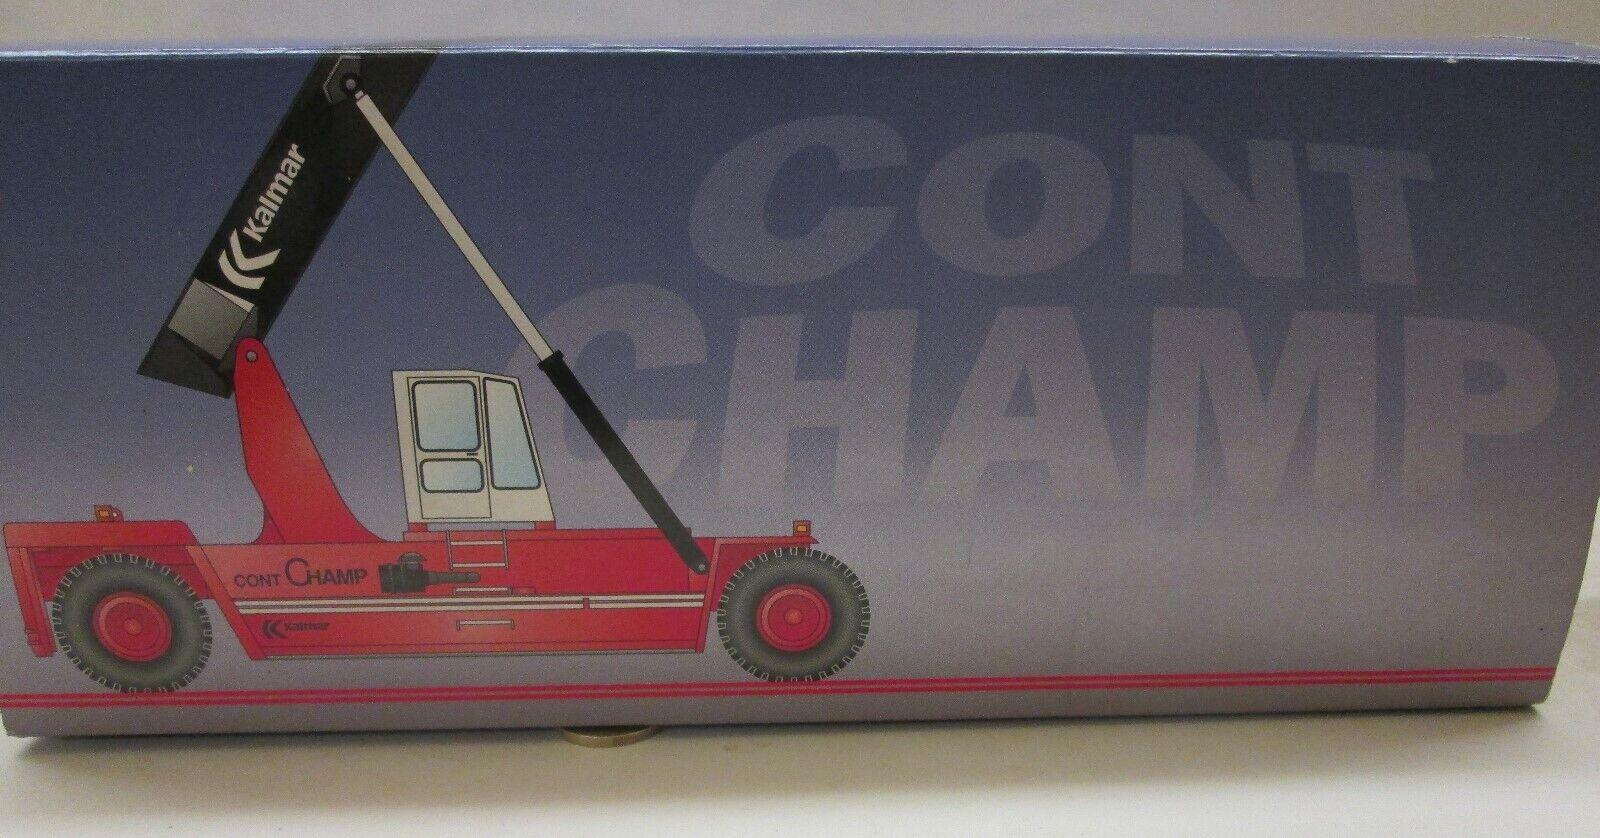 nueva gama alta exclusiva Conrad 2973  Kalmar cont Champ 1 50 50 50 (4272)  ventas directas de fábrica